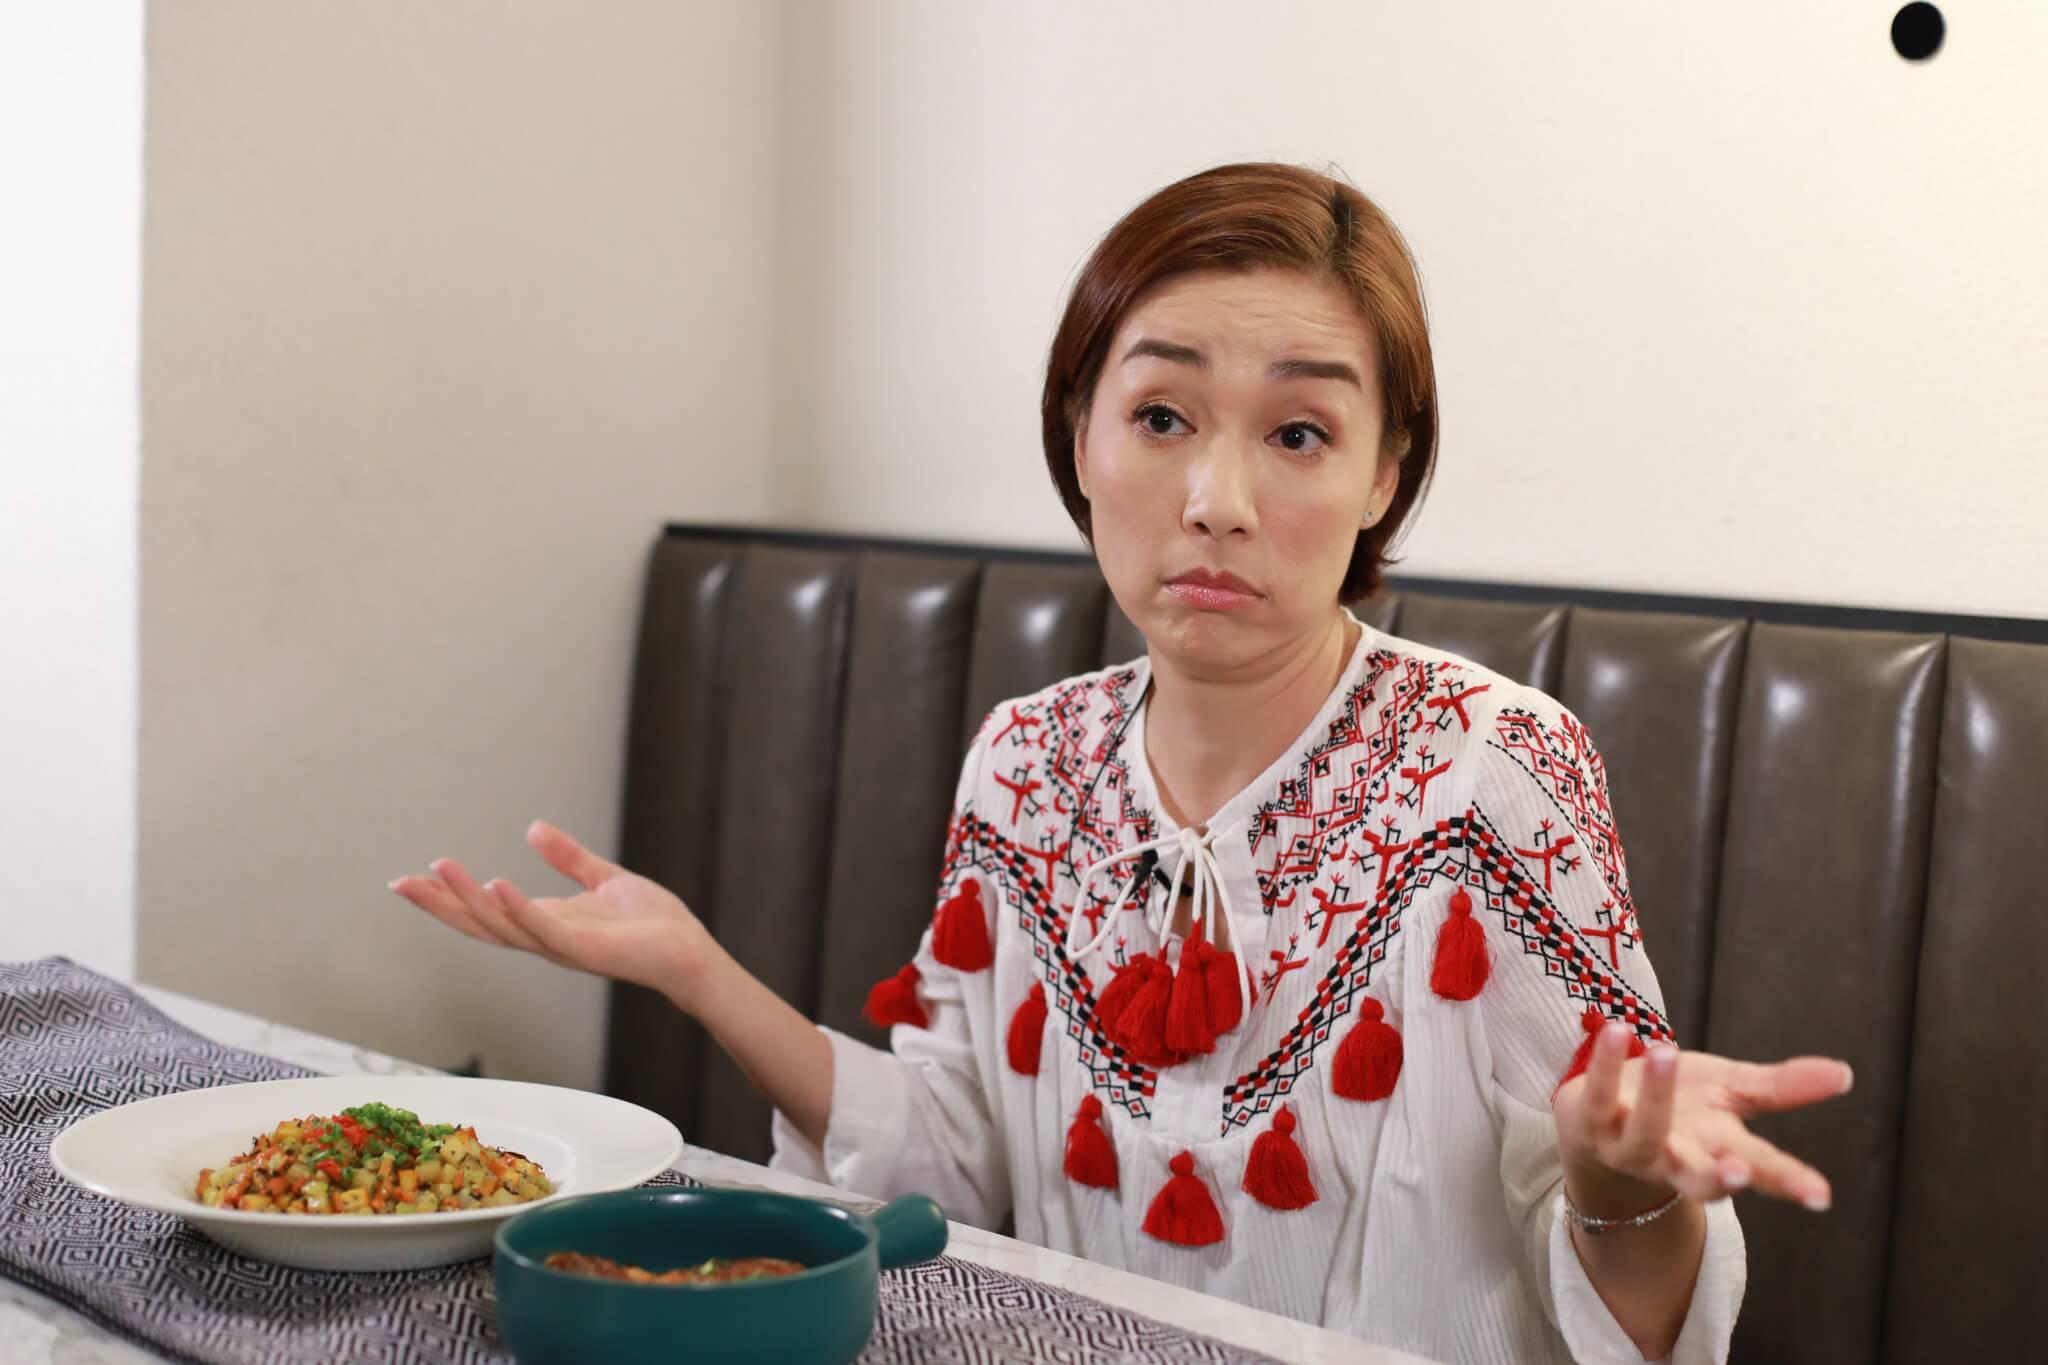 江美儀透露家人看過報道後非常擔心